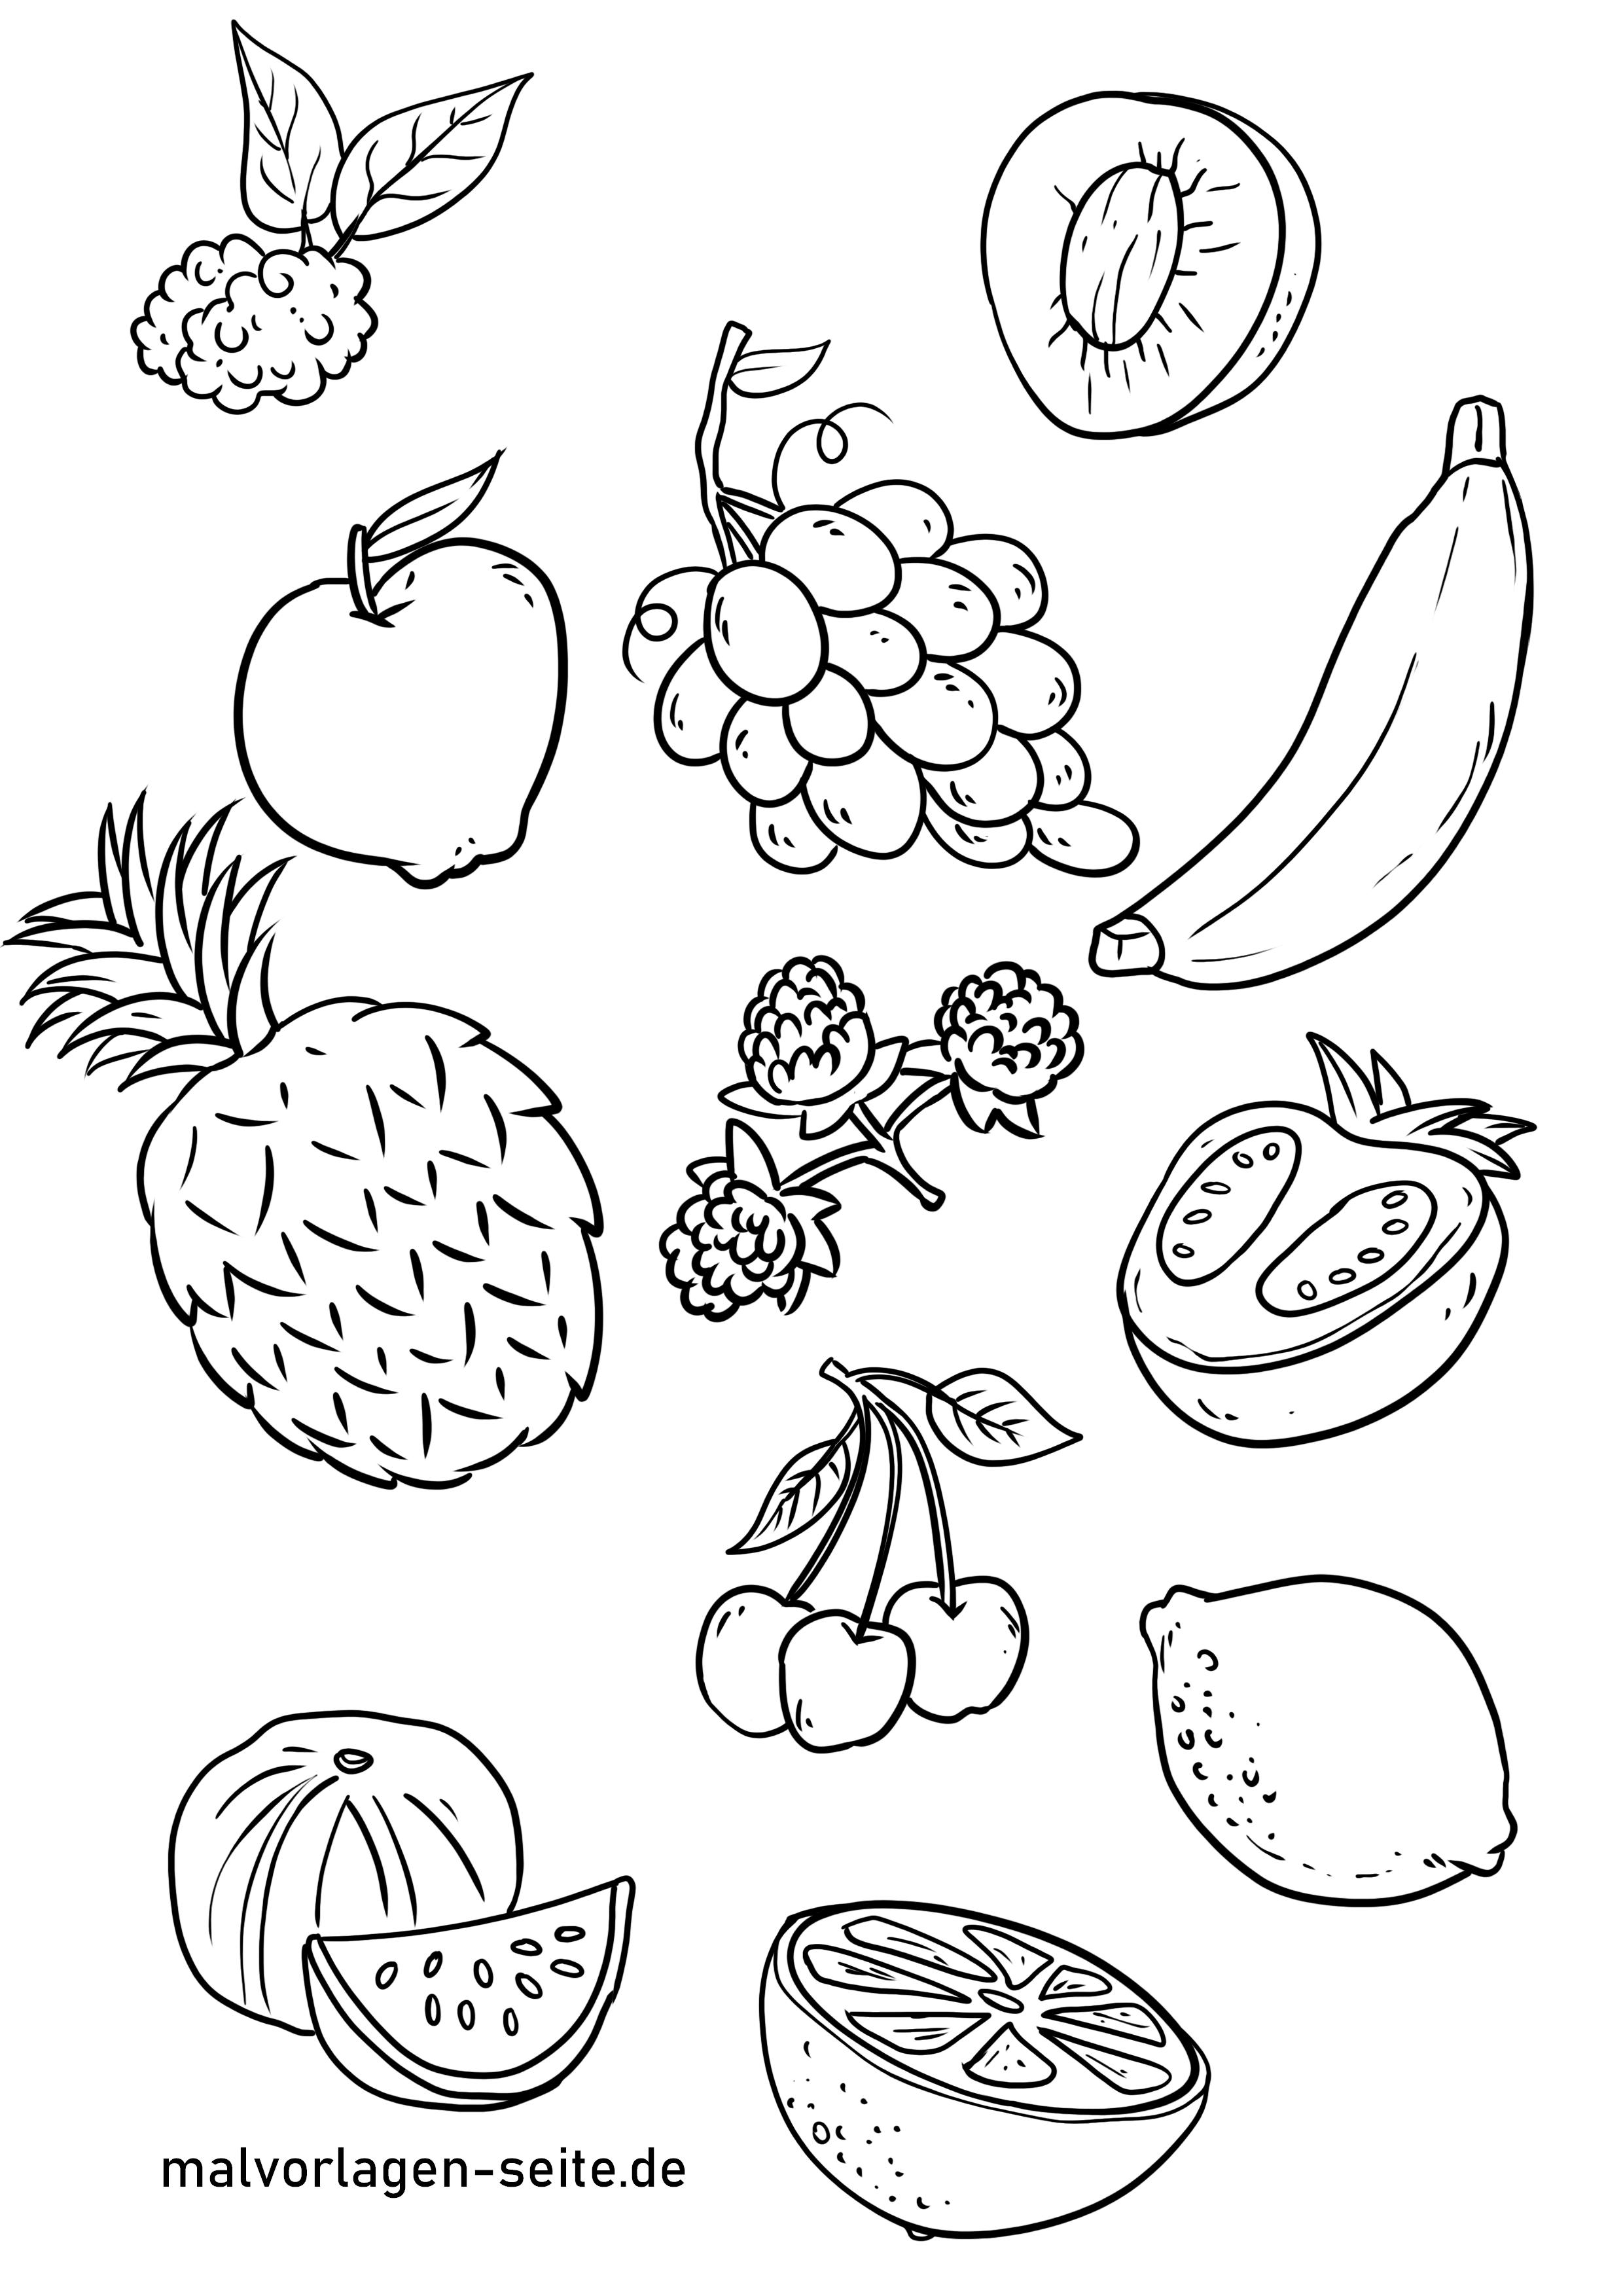 Ausmalbilder Obst - Essen und Trinken kostenlos herunterladen